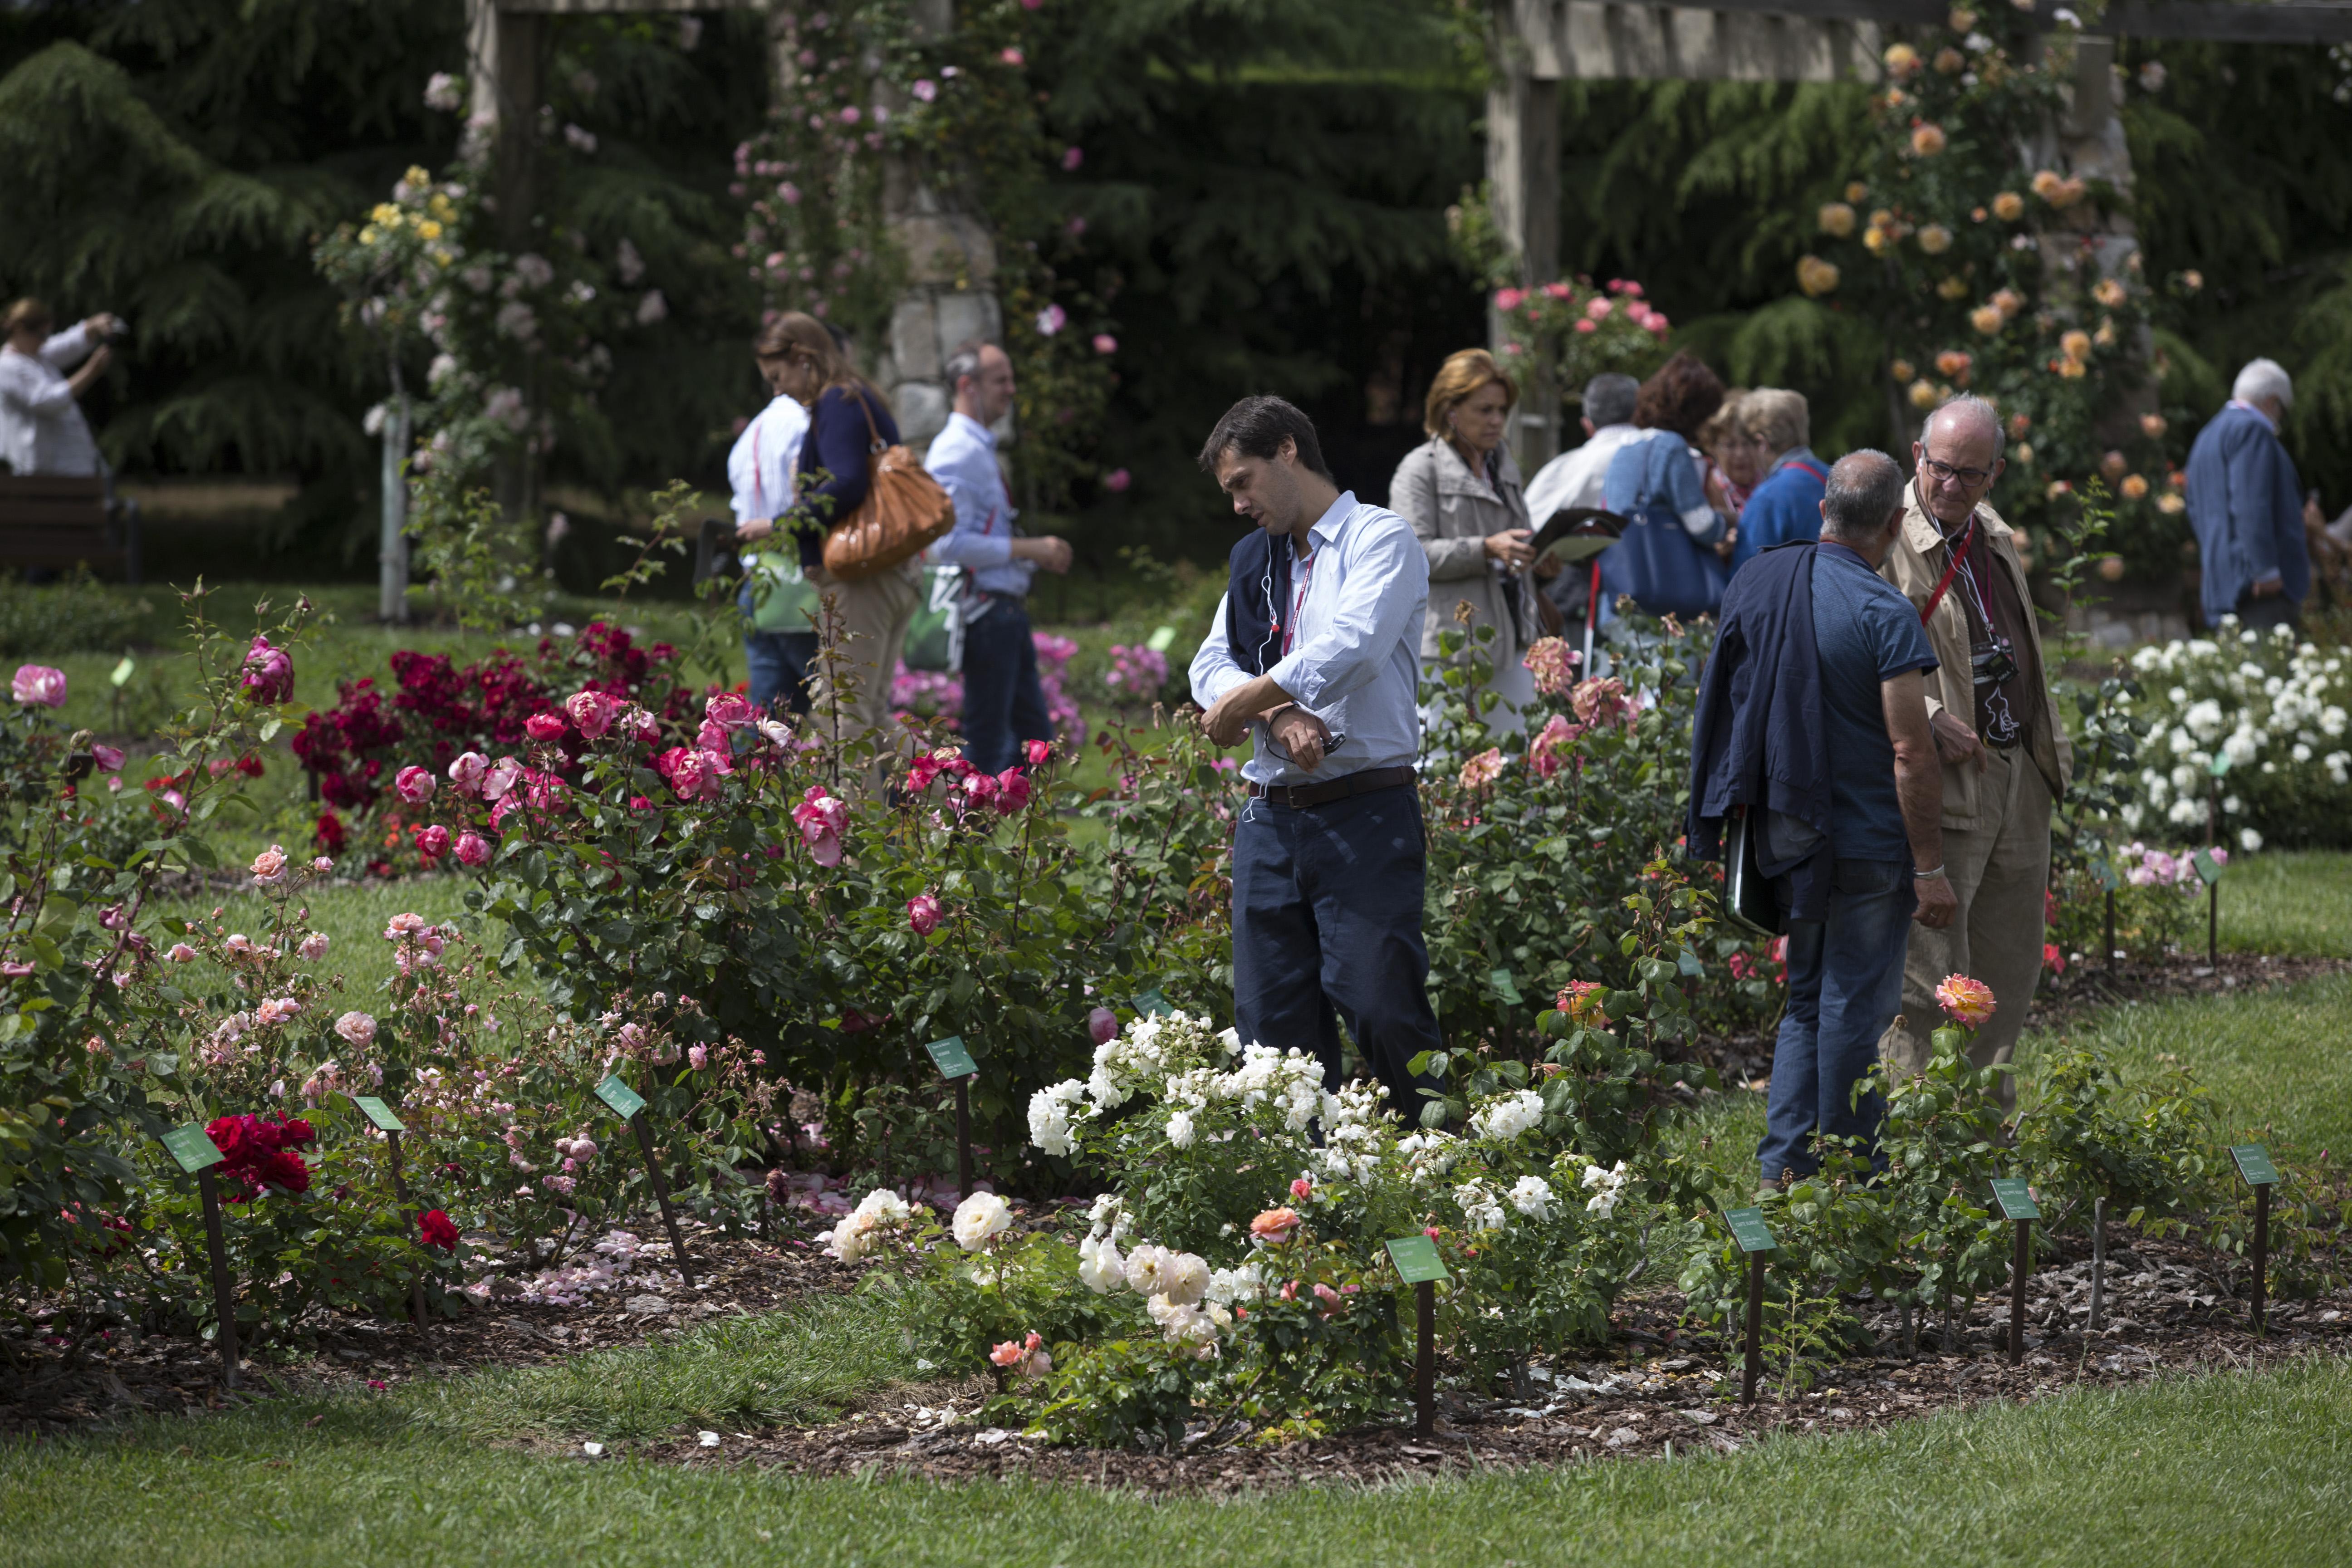 Roses-in-the-sun-dia2232